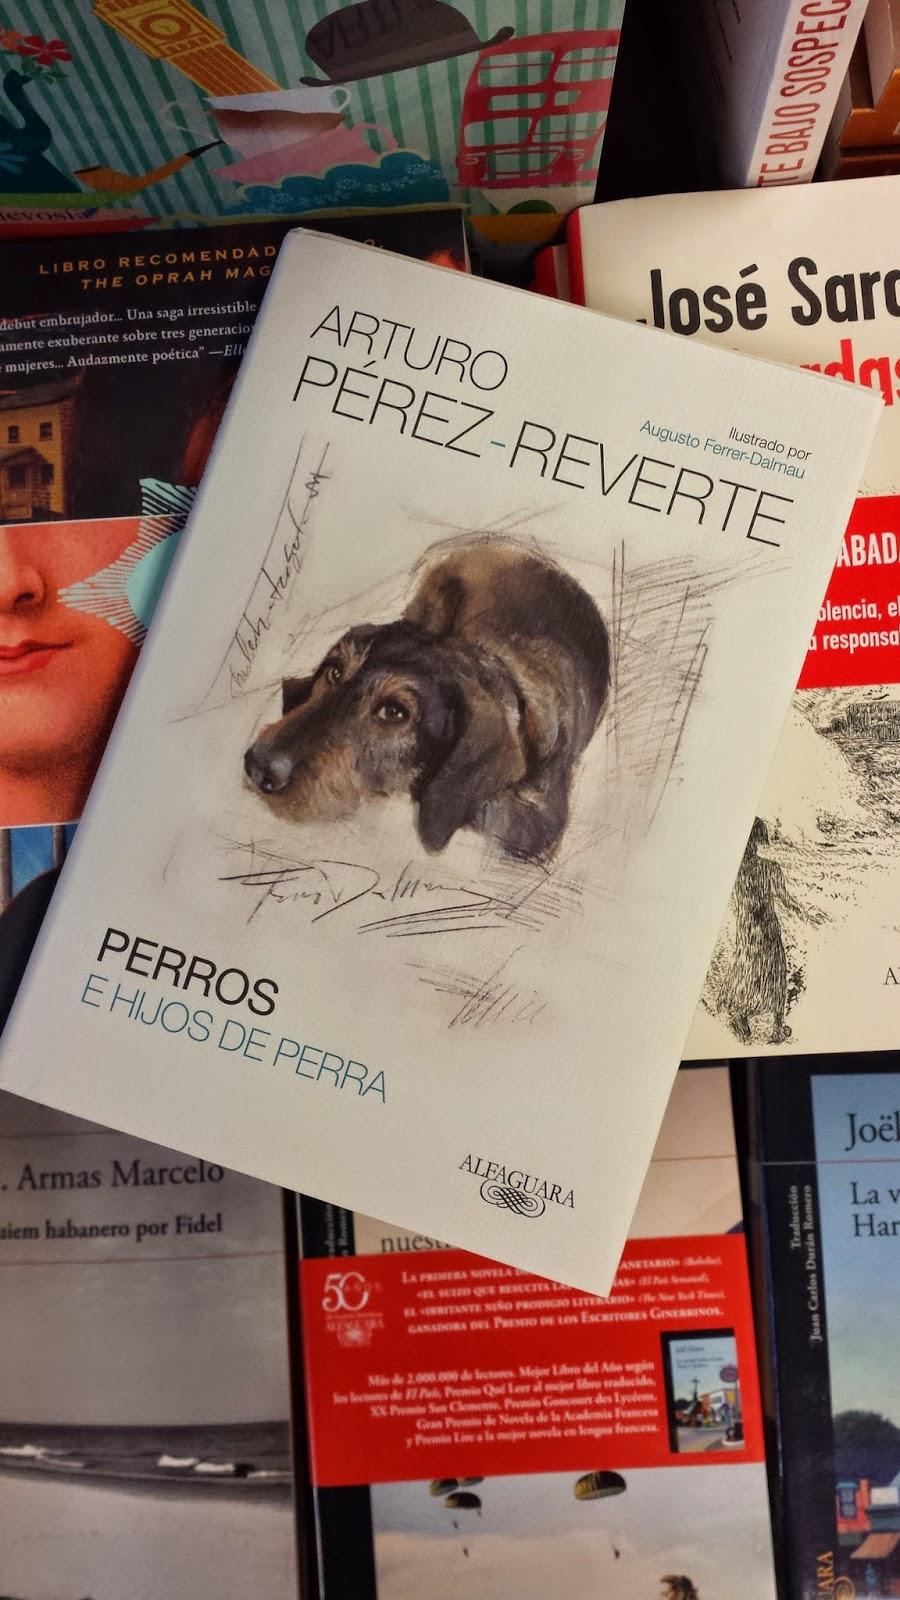 Perros e hijos de perra – Arturo Pérez-Reverte